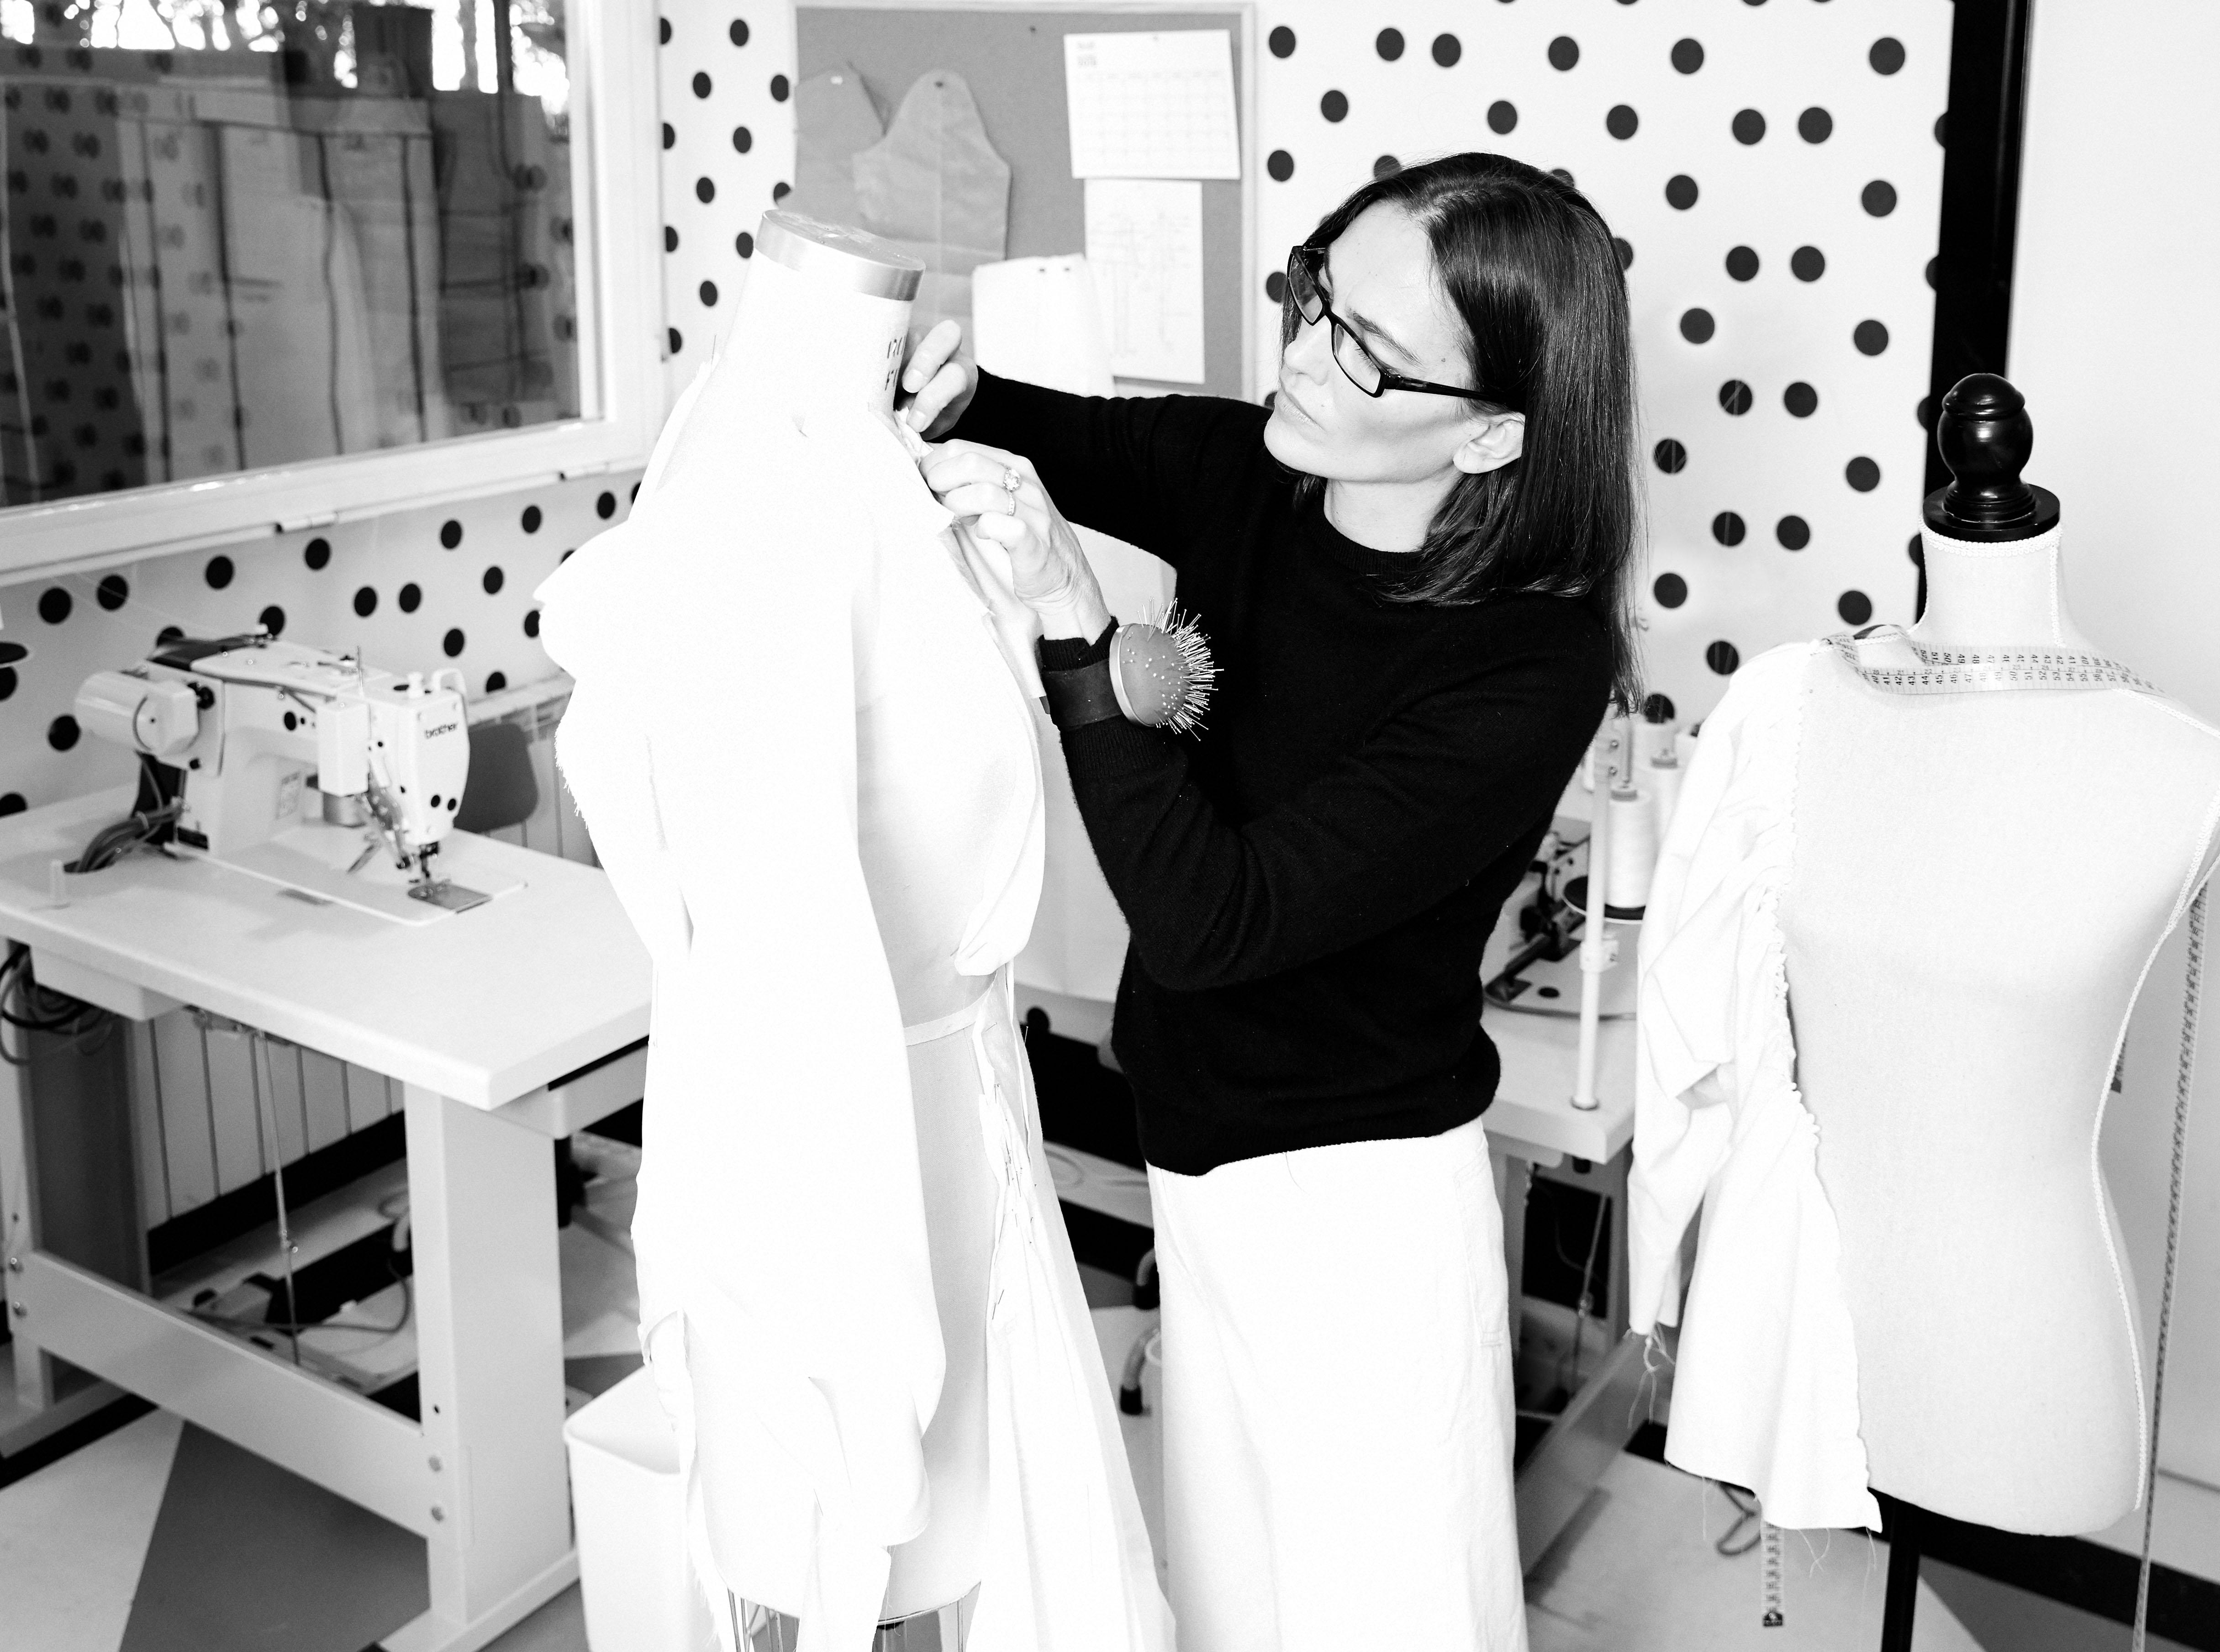 Laura Ponte lleva jersey de Zara y pantalón de Uterqüe. (Olga Moreno)